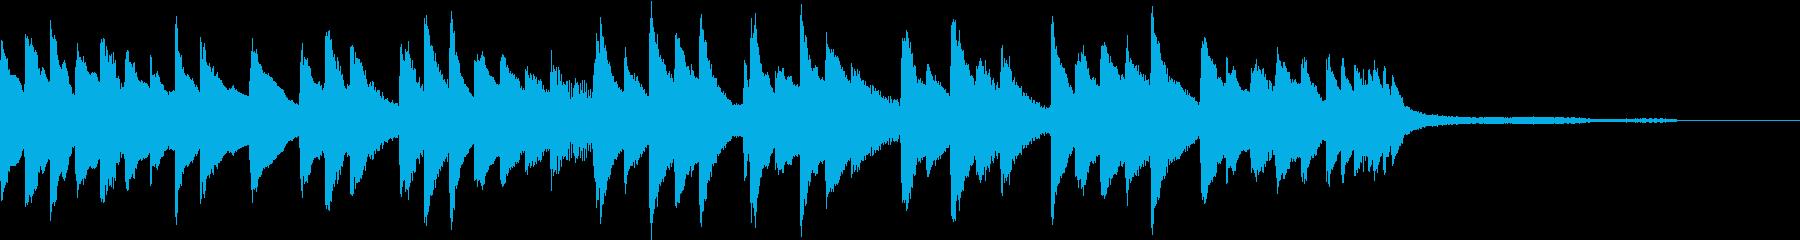 ゆったりとしたピアノジングルの再生済みの波形